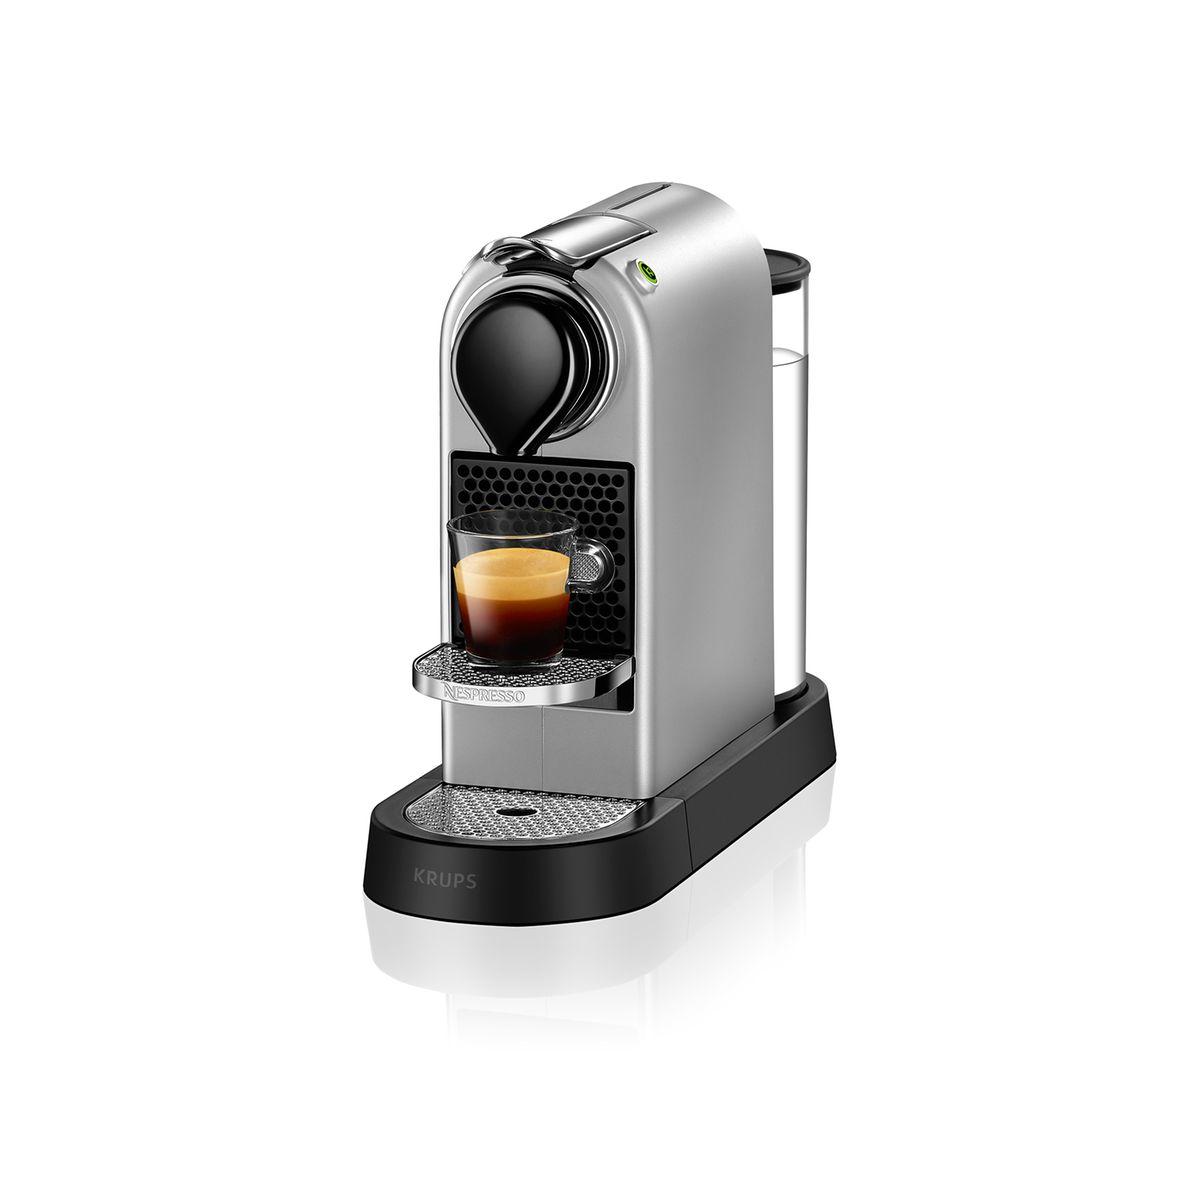 Krups Nespresso Citiz YY2733FD argent - Cafetière à dosettes - 19 bars